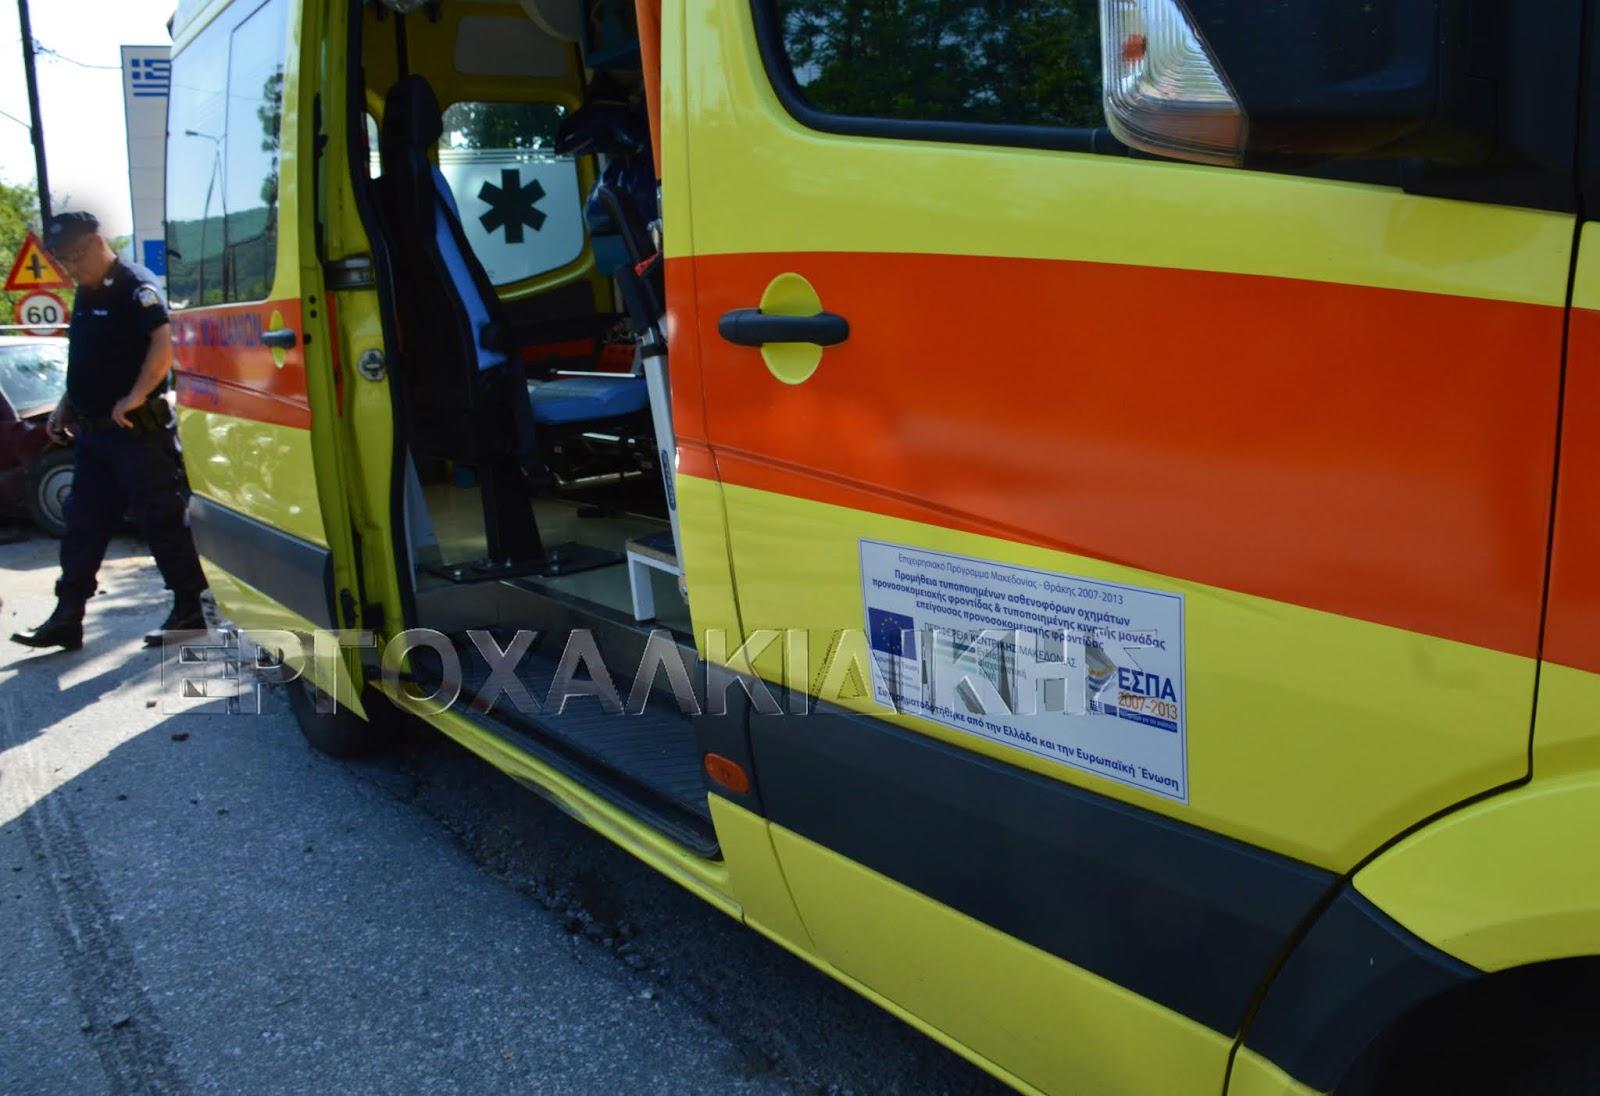 Μεθυσμένος οδηγός προκάλεσε τροχαίο με τραυματίες στη Μουδανίων